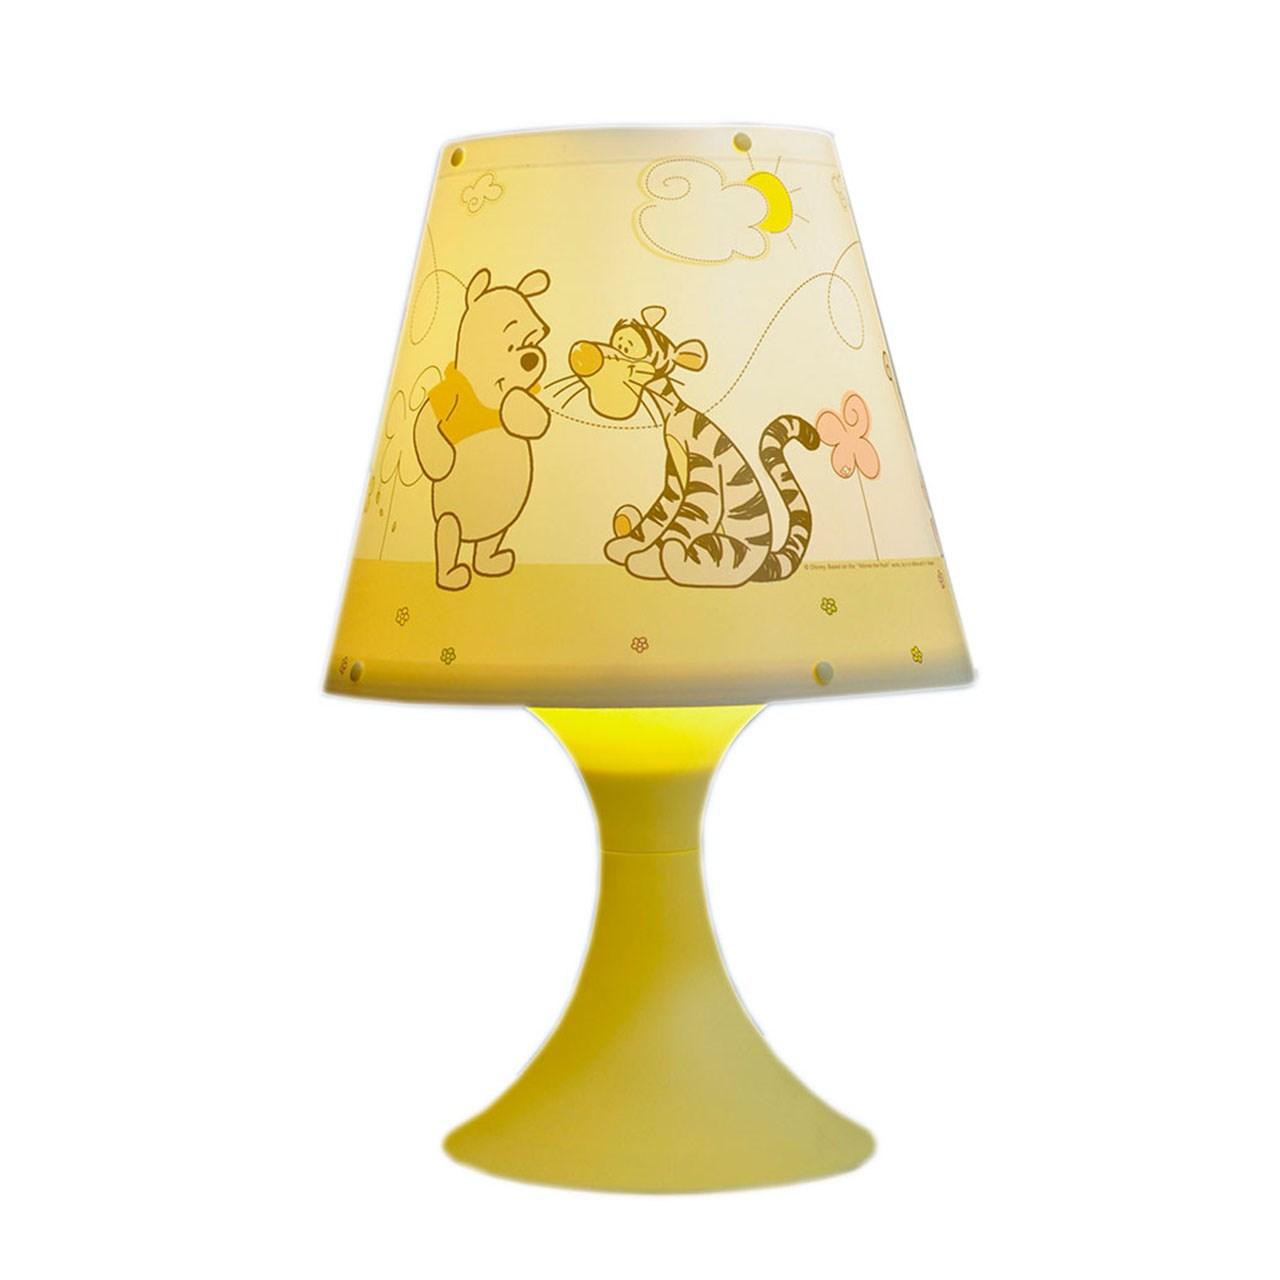 آباژور رومیزی دکوفان مدل Pooh